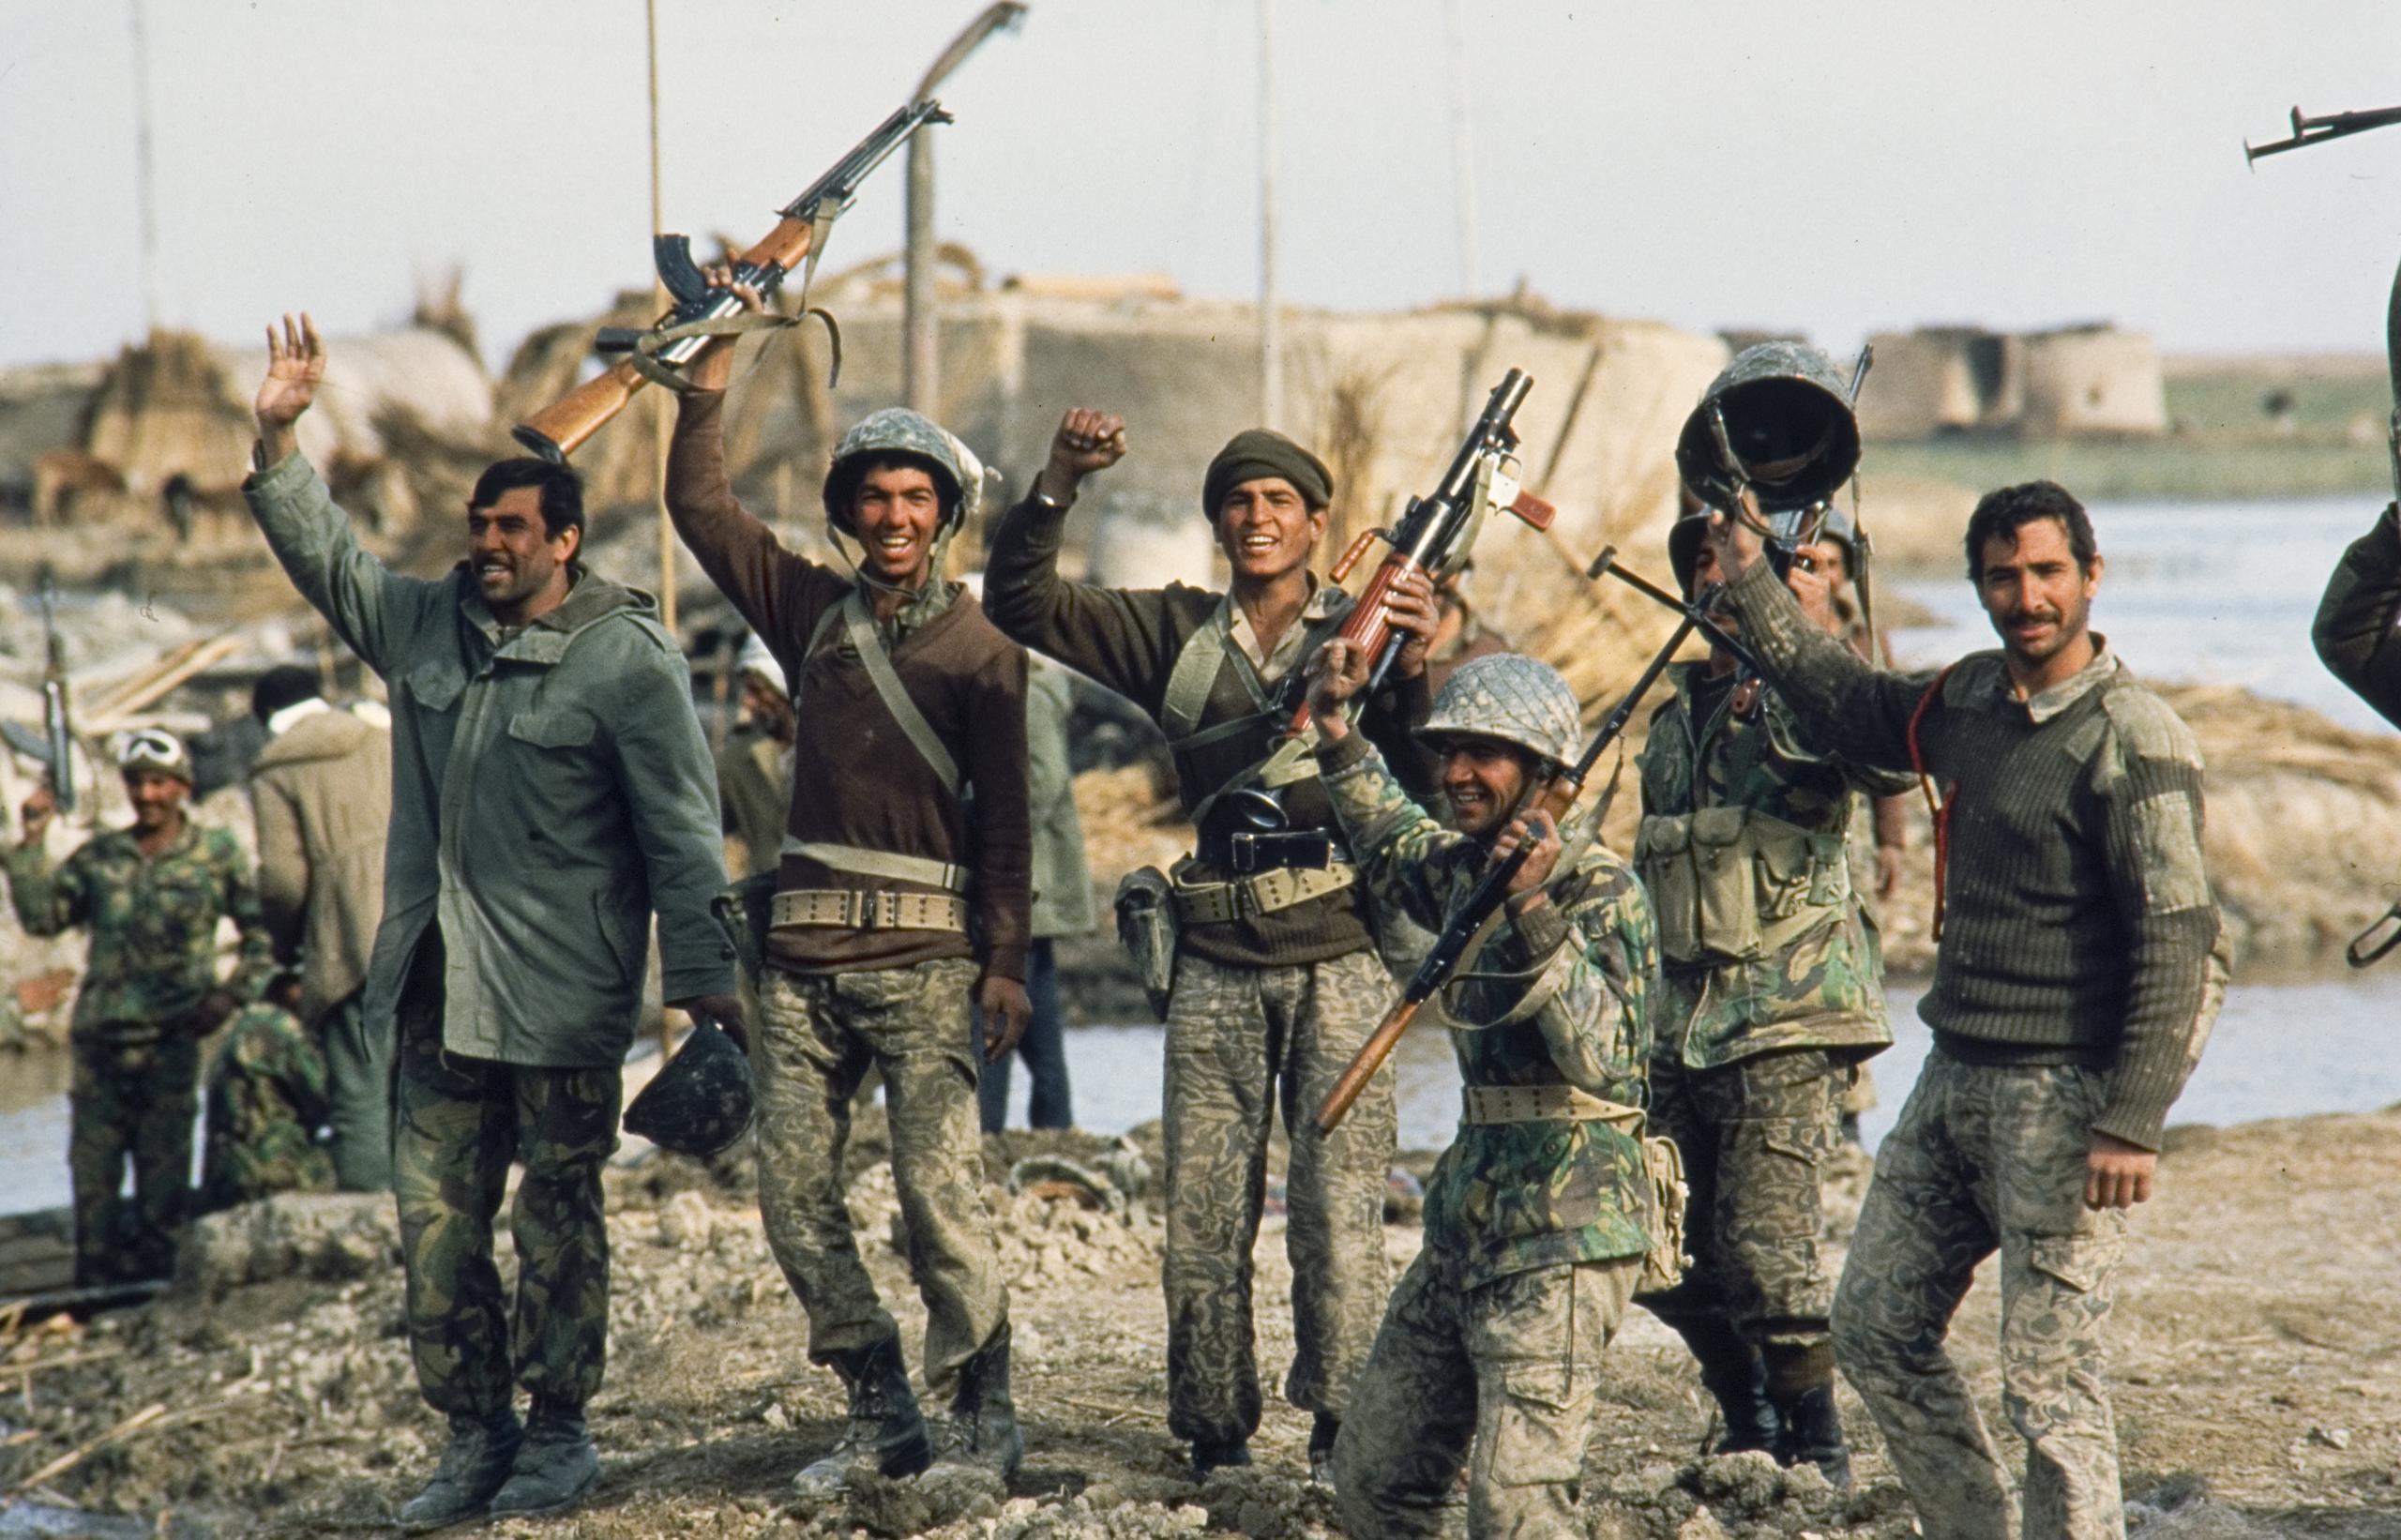 روزی که آبادان یک تنه از ایران دفاع کرد/ در حماسه ذوالفقاری چه گذشت؟